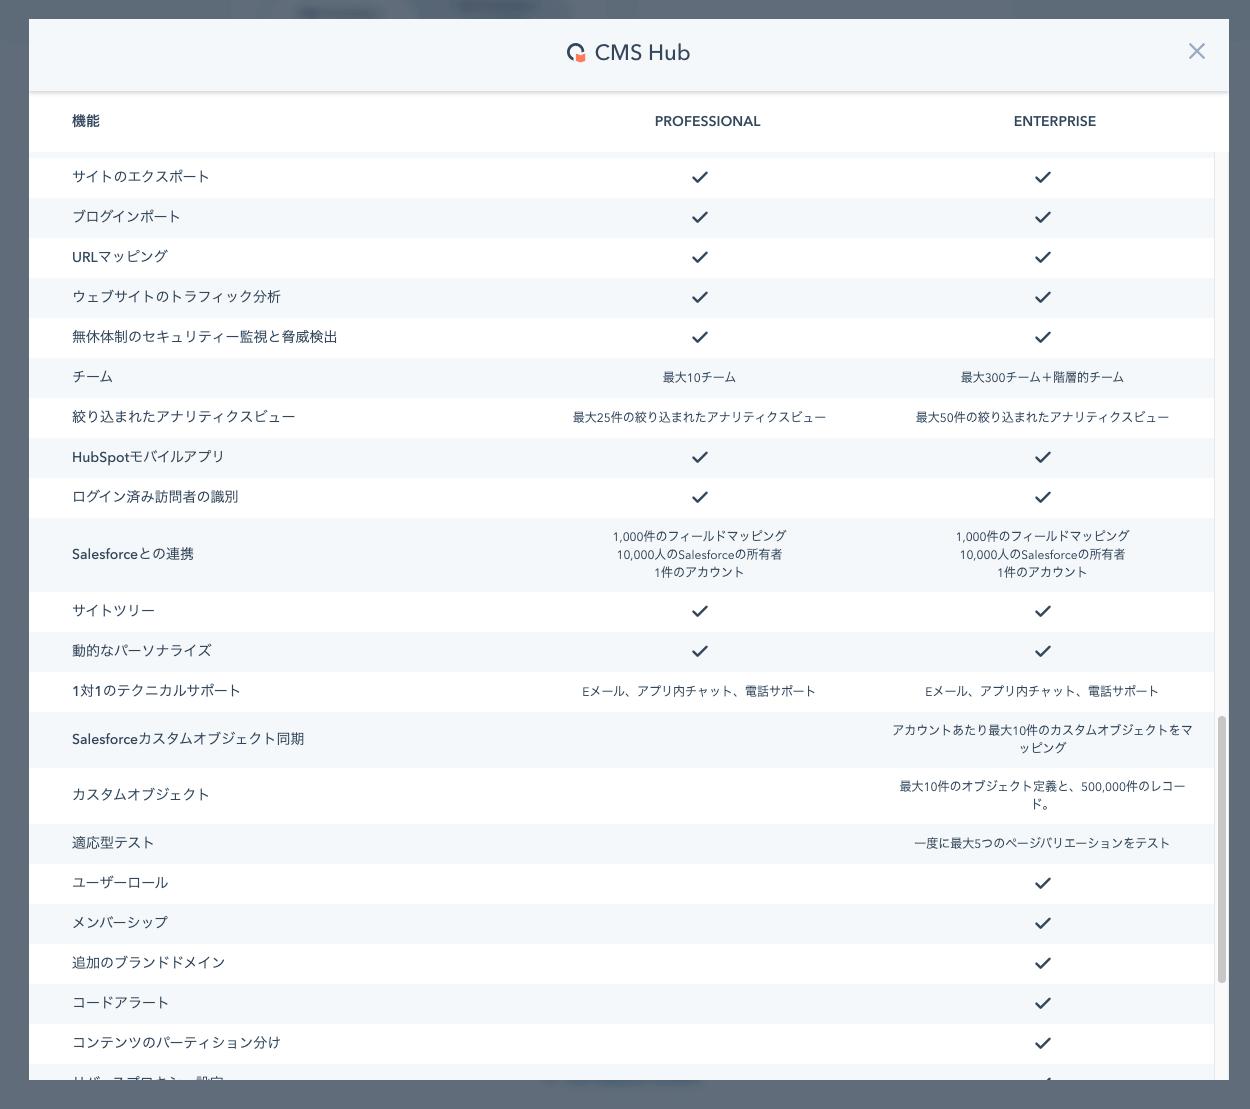 CMS Hubの機能一覧・比較画面